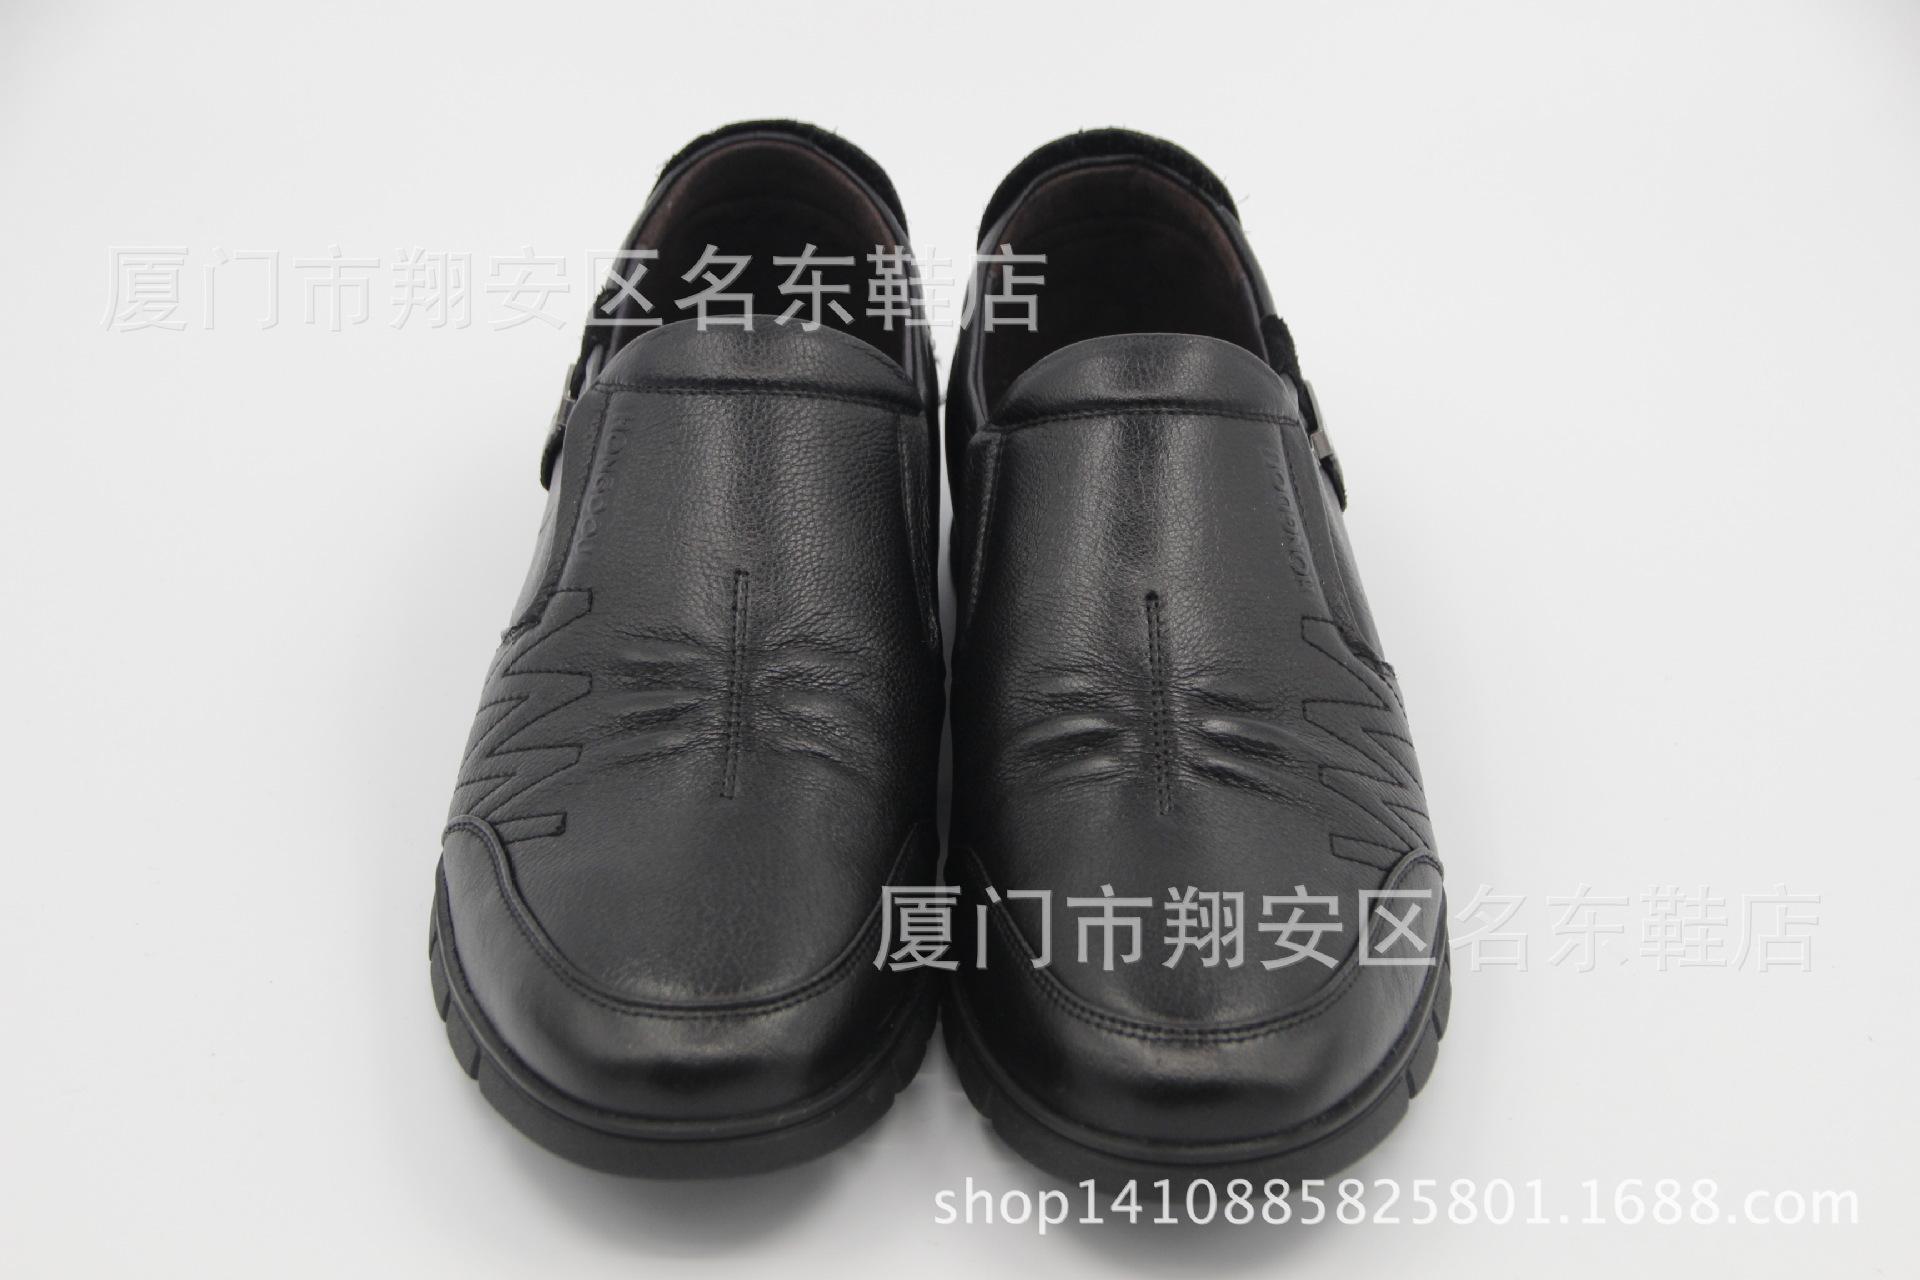 【新款真皮男鞋休闲男鞋时尚套脚男士单鞋极致简约四